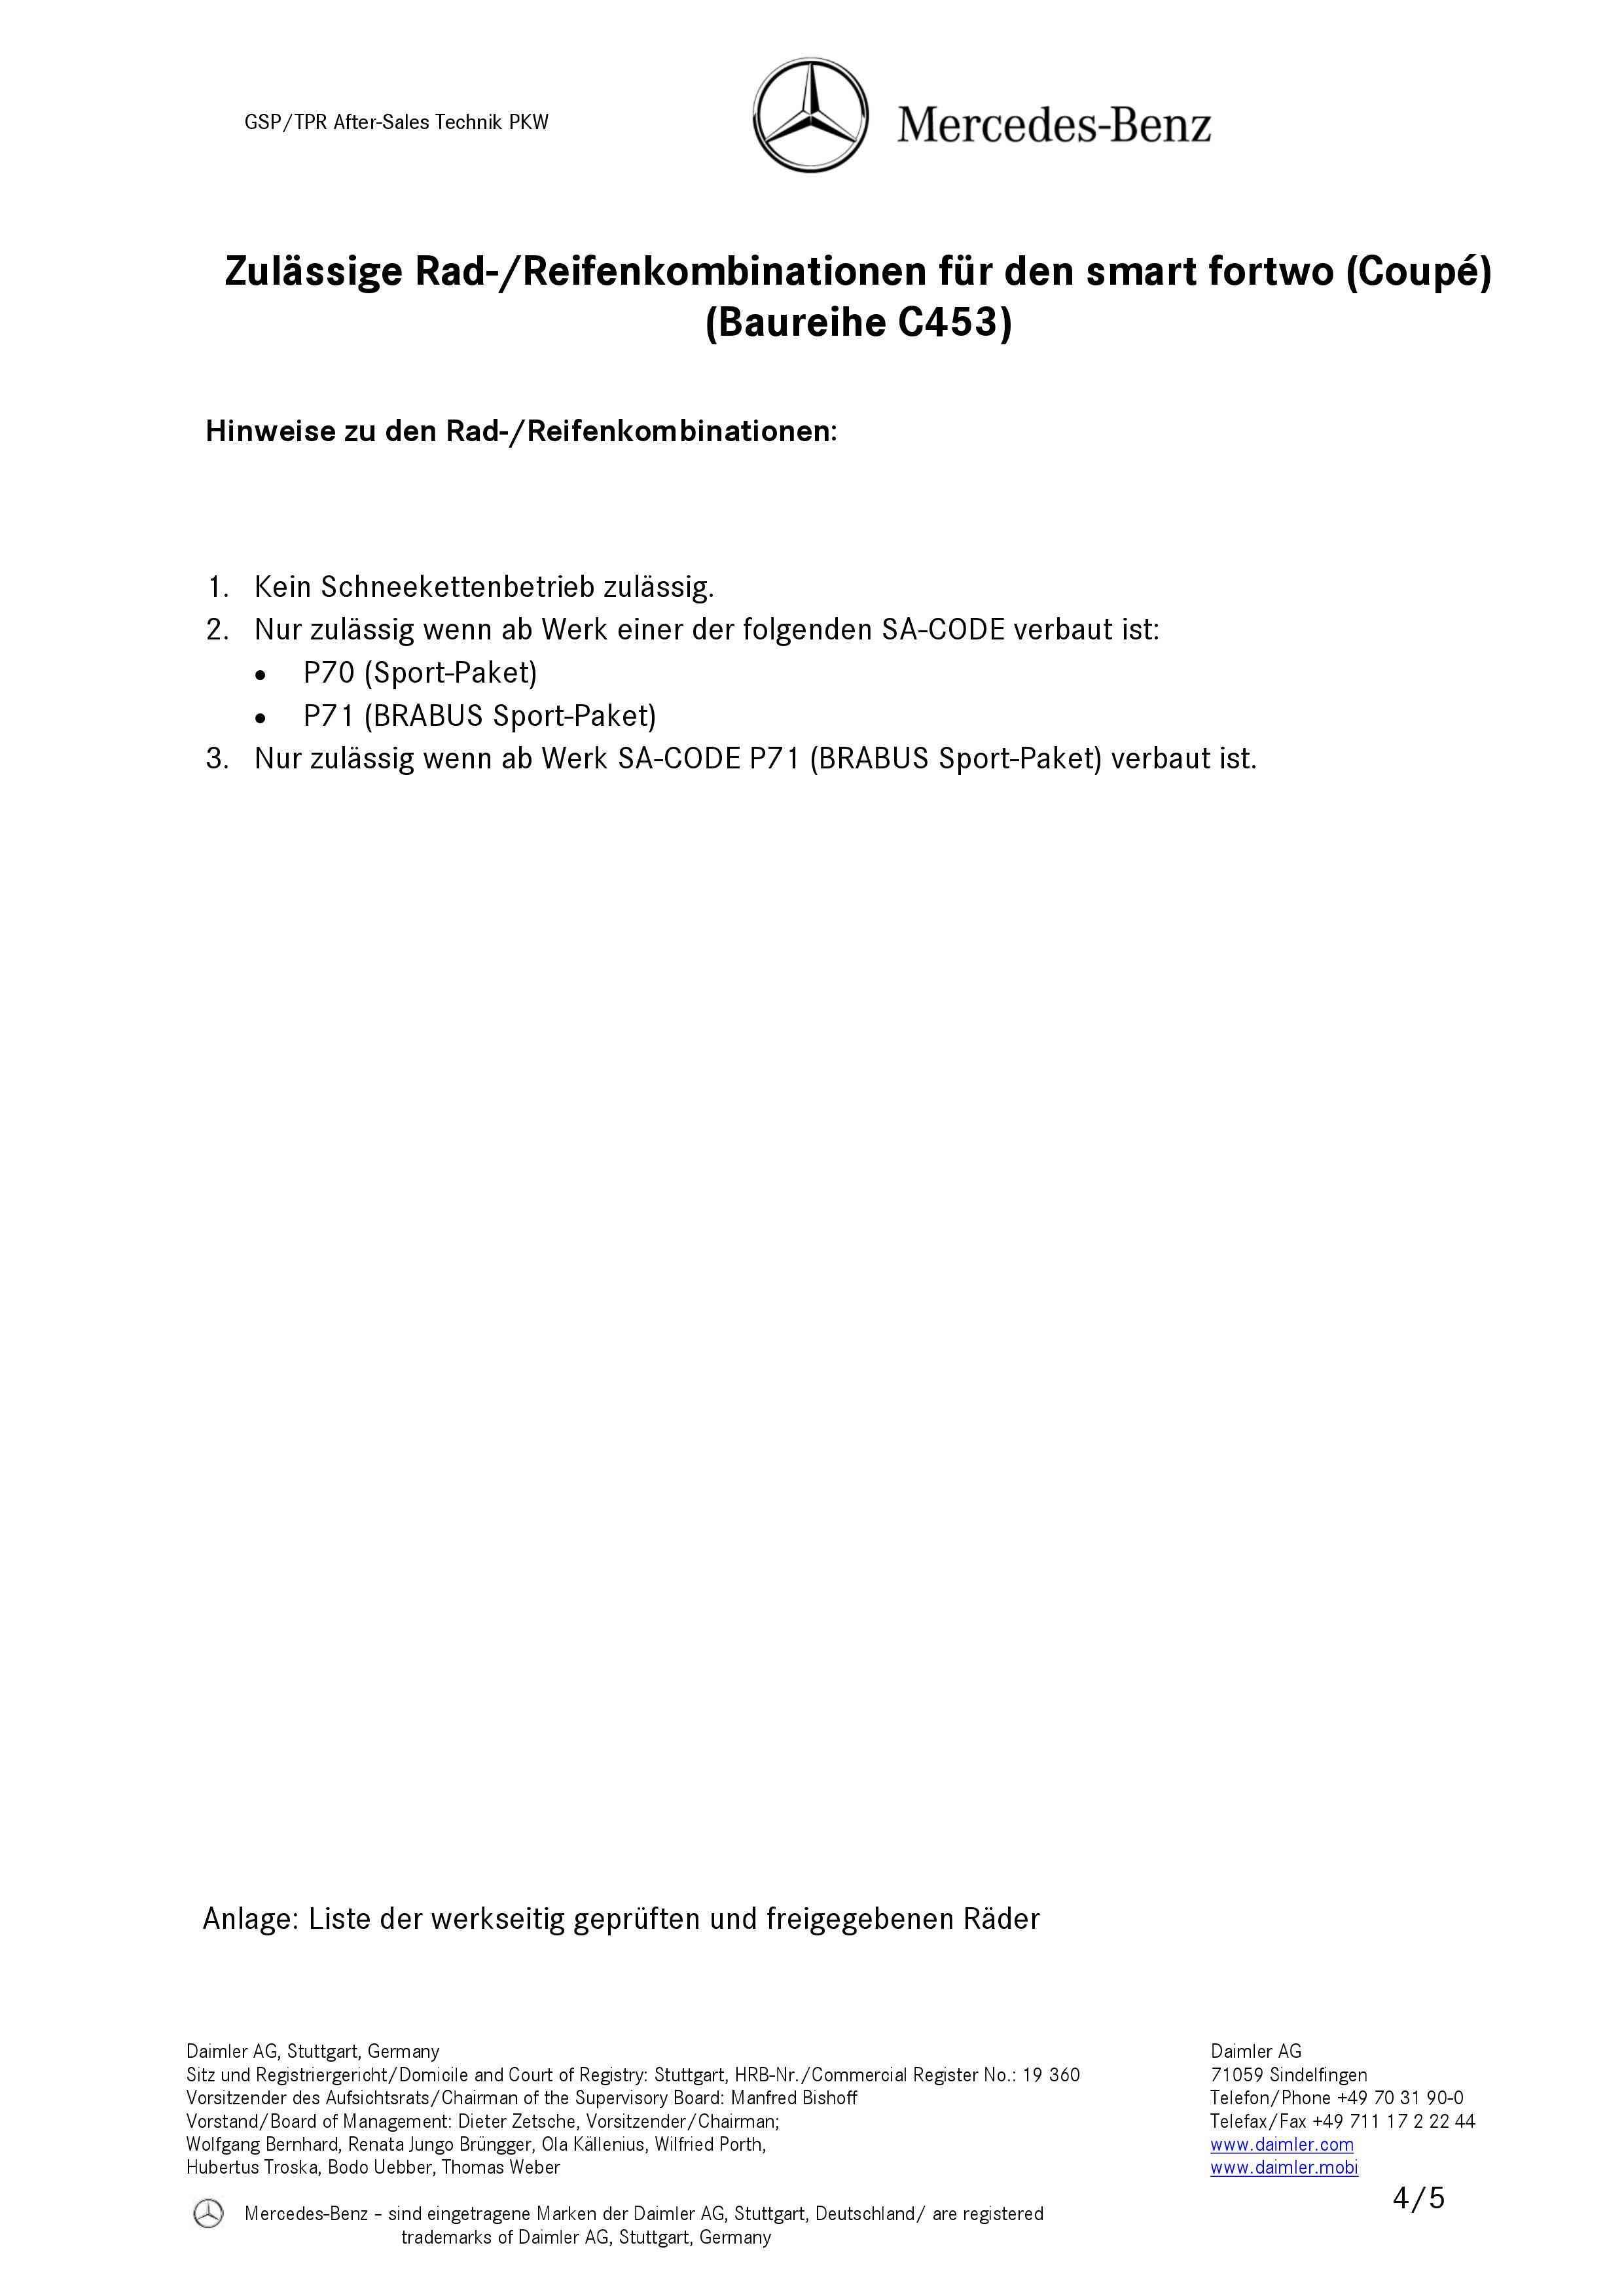 (C453): Medidas oficiais das rodas e pneus 0004_429